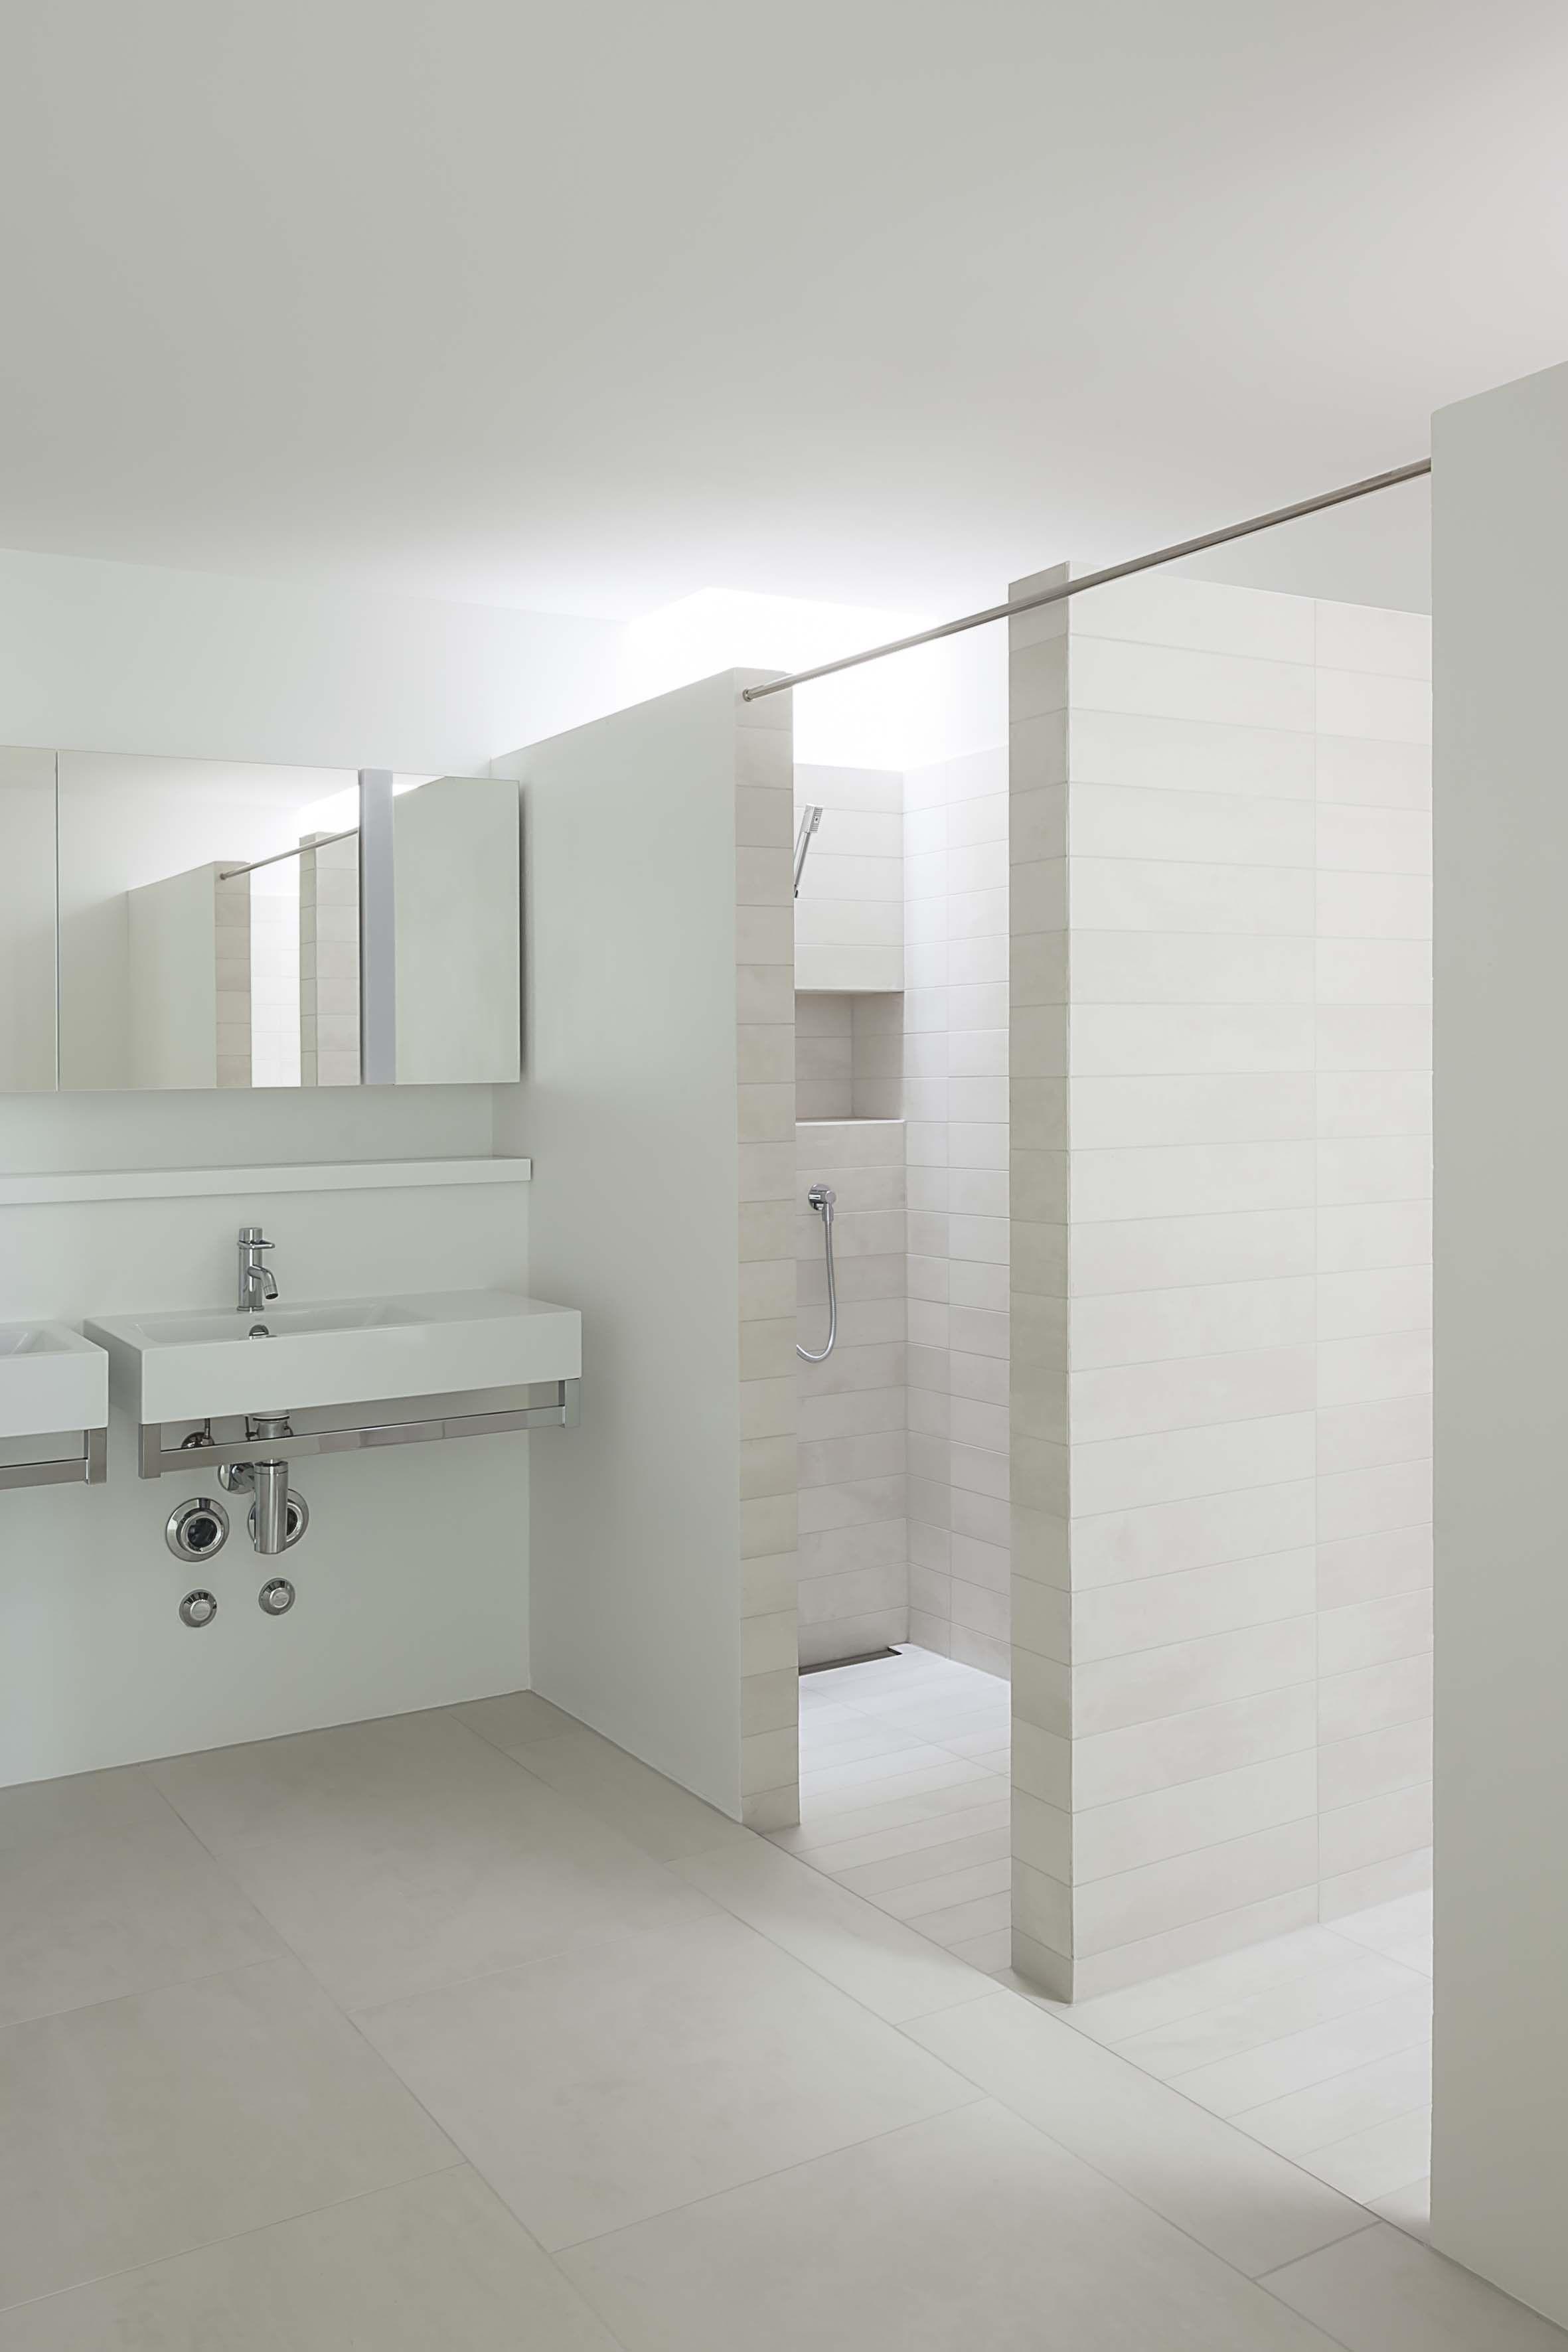 Pin by Maribel Muller on Bathroom | Pinterest | White shower, House ...